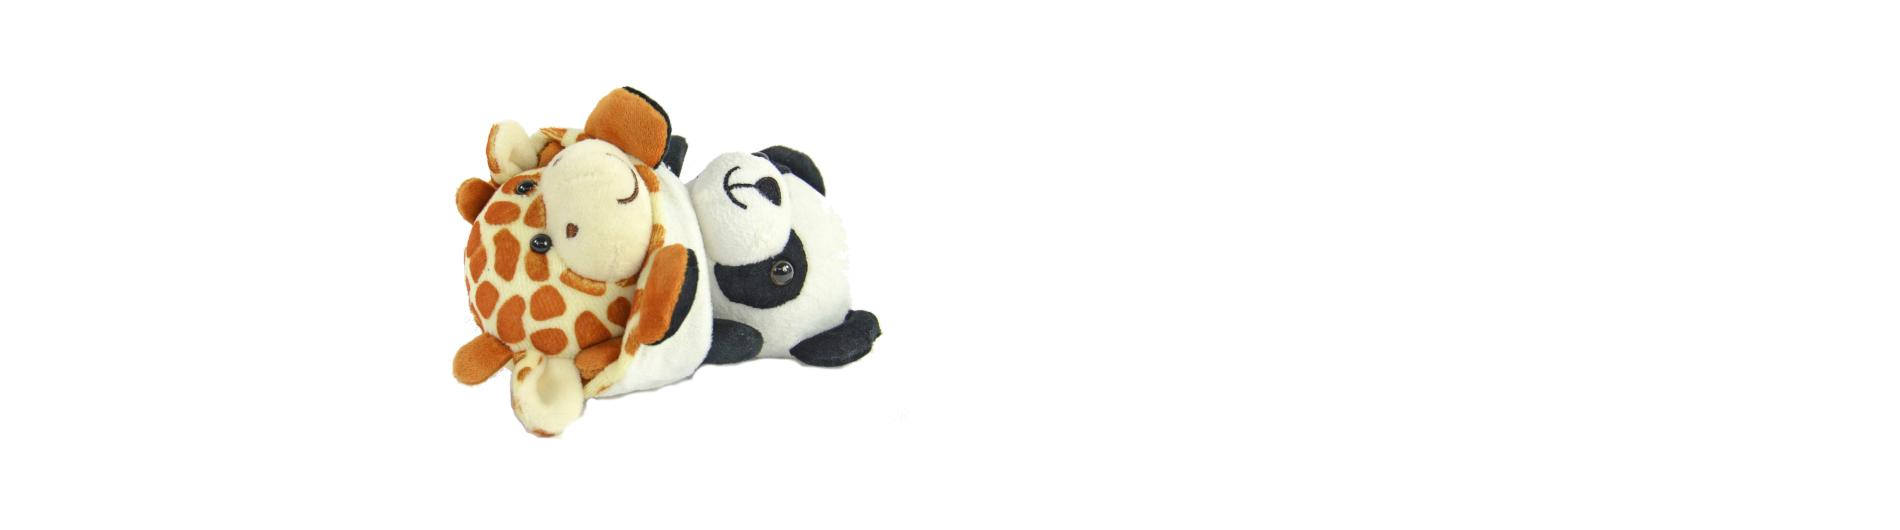 Wendeplüschtier Panda/Giraffe